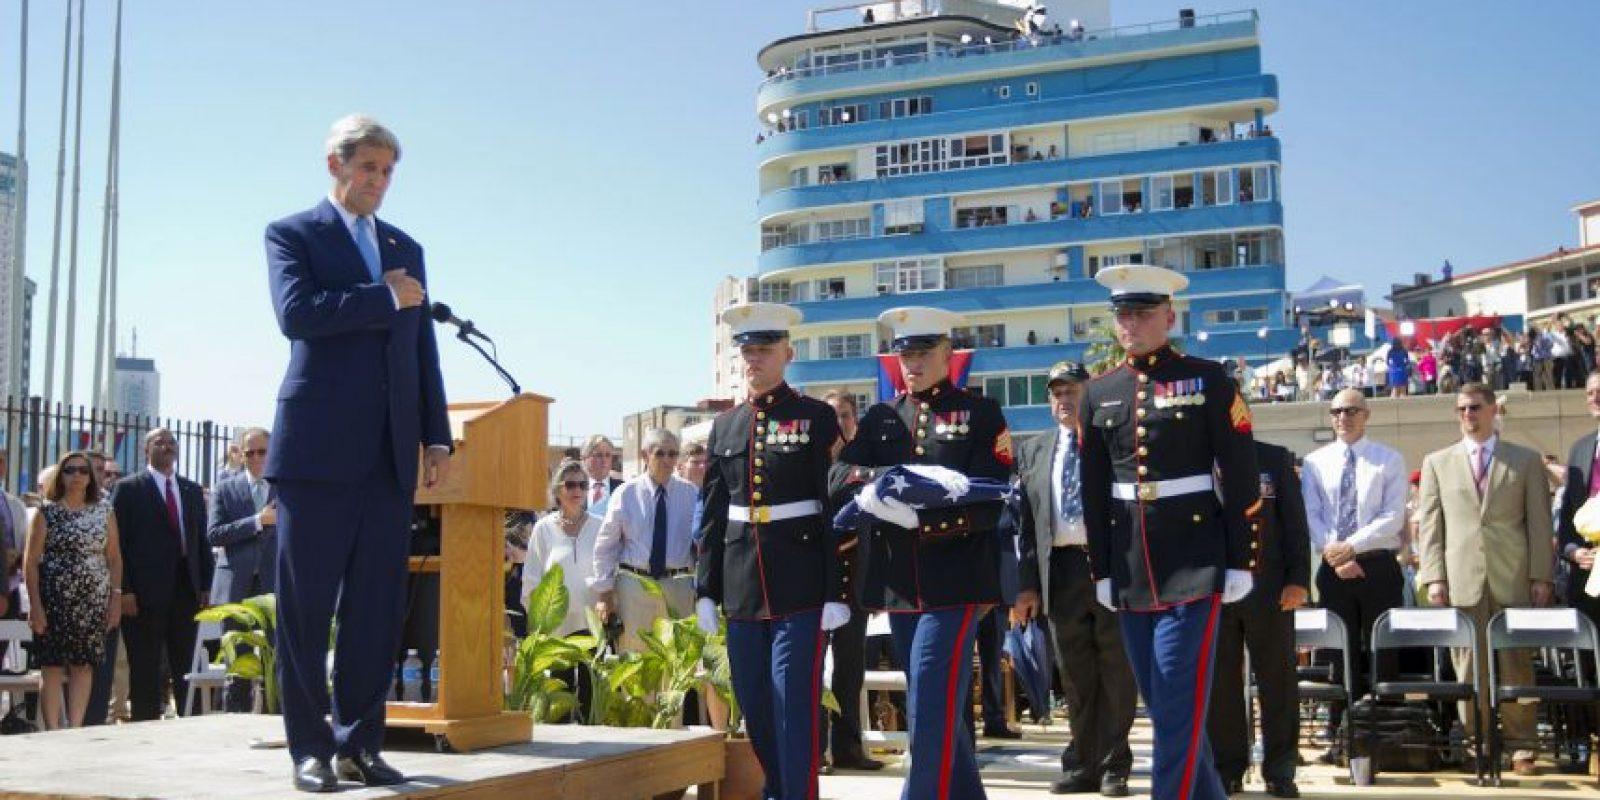 """Kerry, señaló que era una ocasión memorable, """"un día para dejar a un lado las viejas barreras y explorar nuevas posibilidades"""". Foto:AFP"""